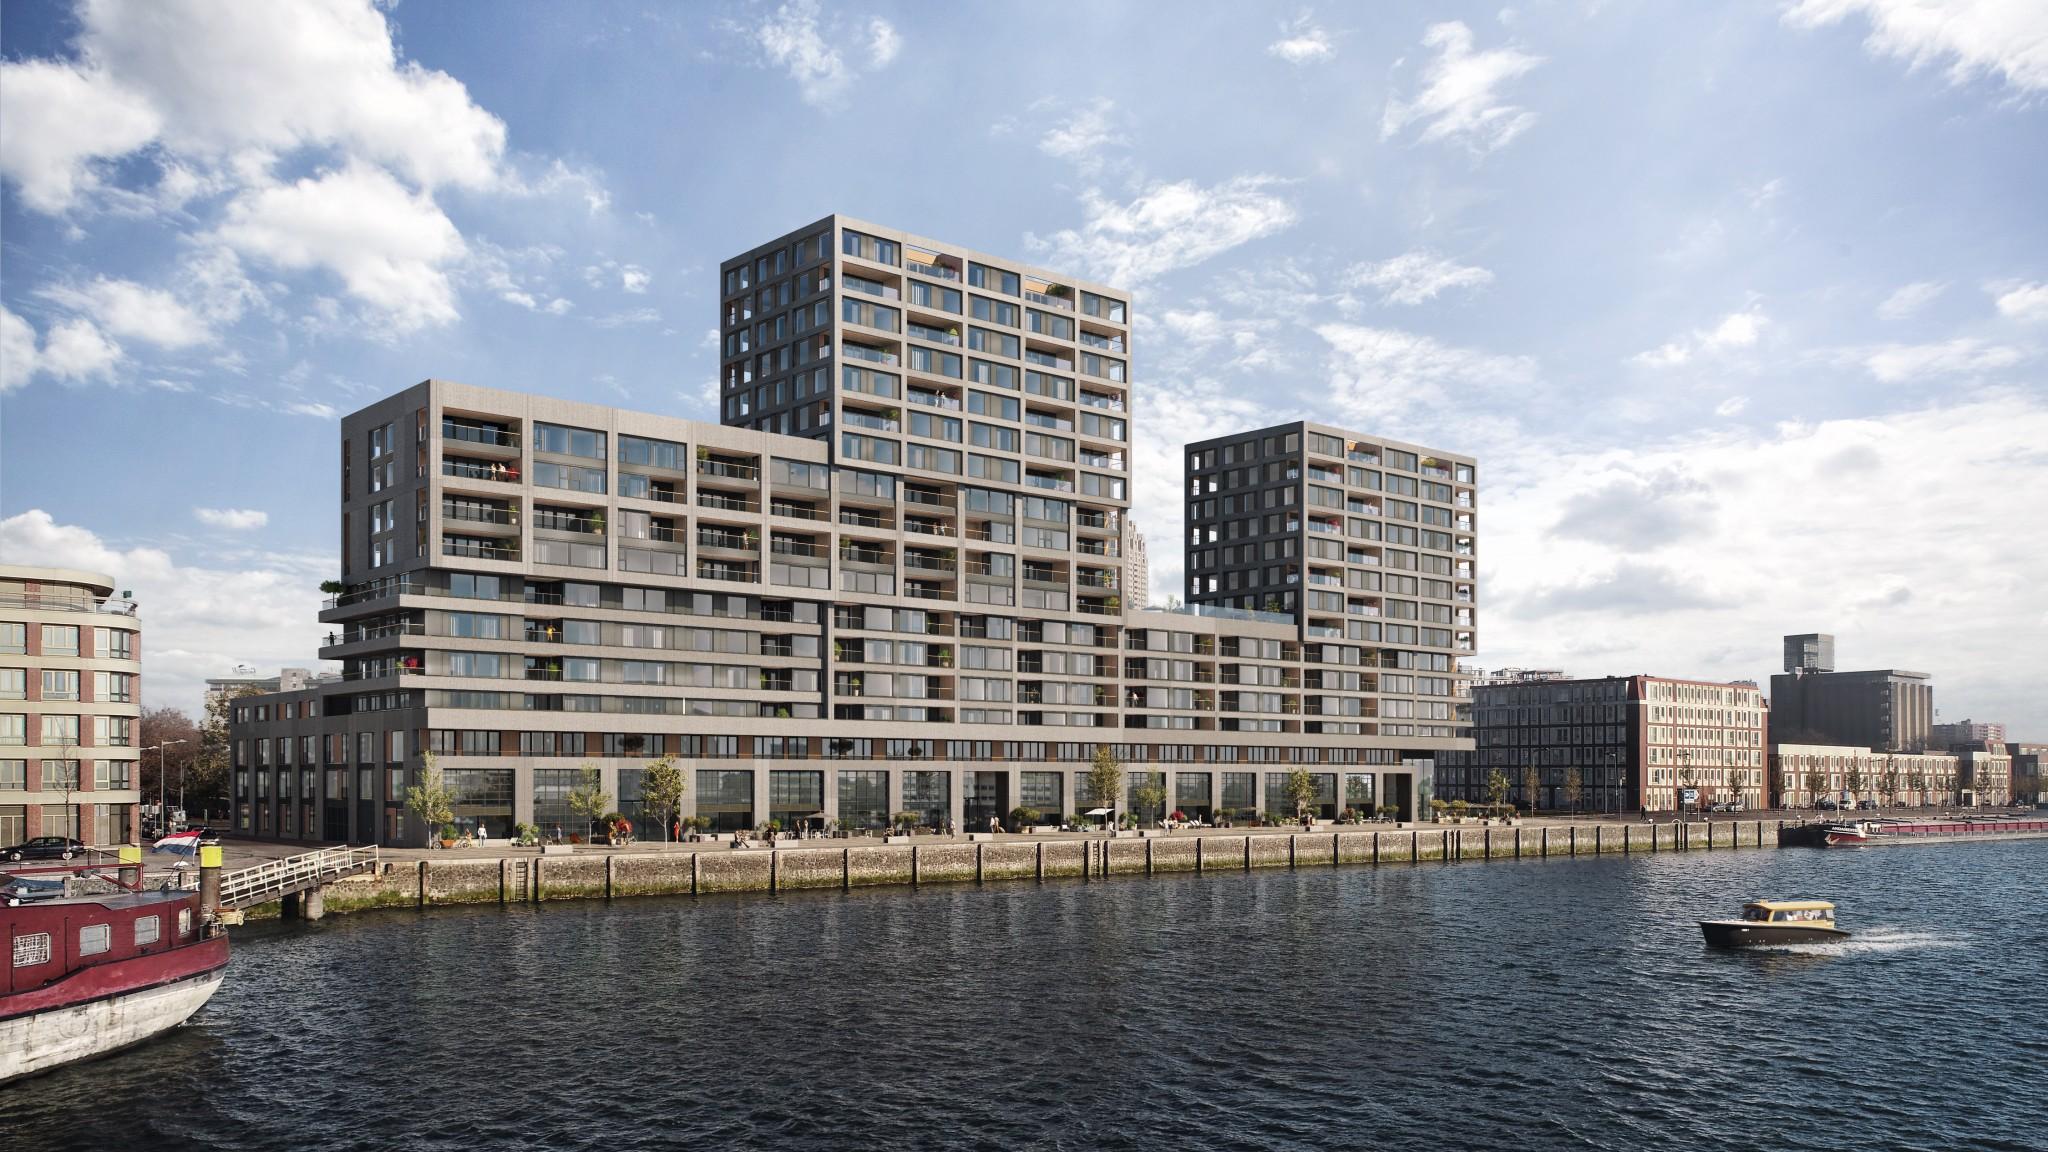 Havenkwartier Rotterdam